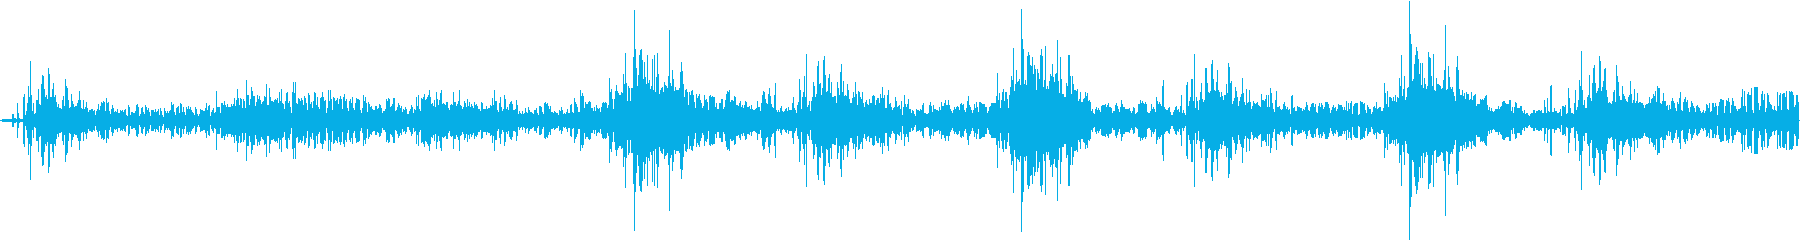 恐ろしい子供の笑い声の再生済みの波形